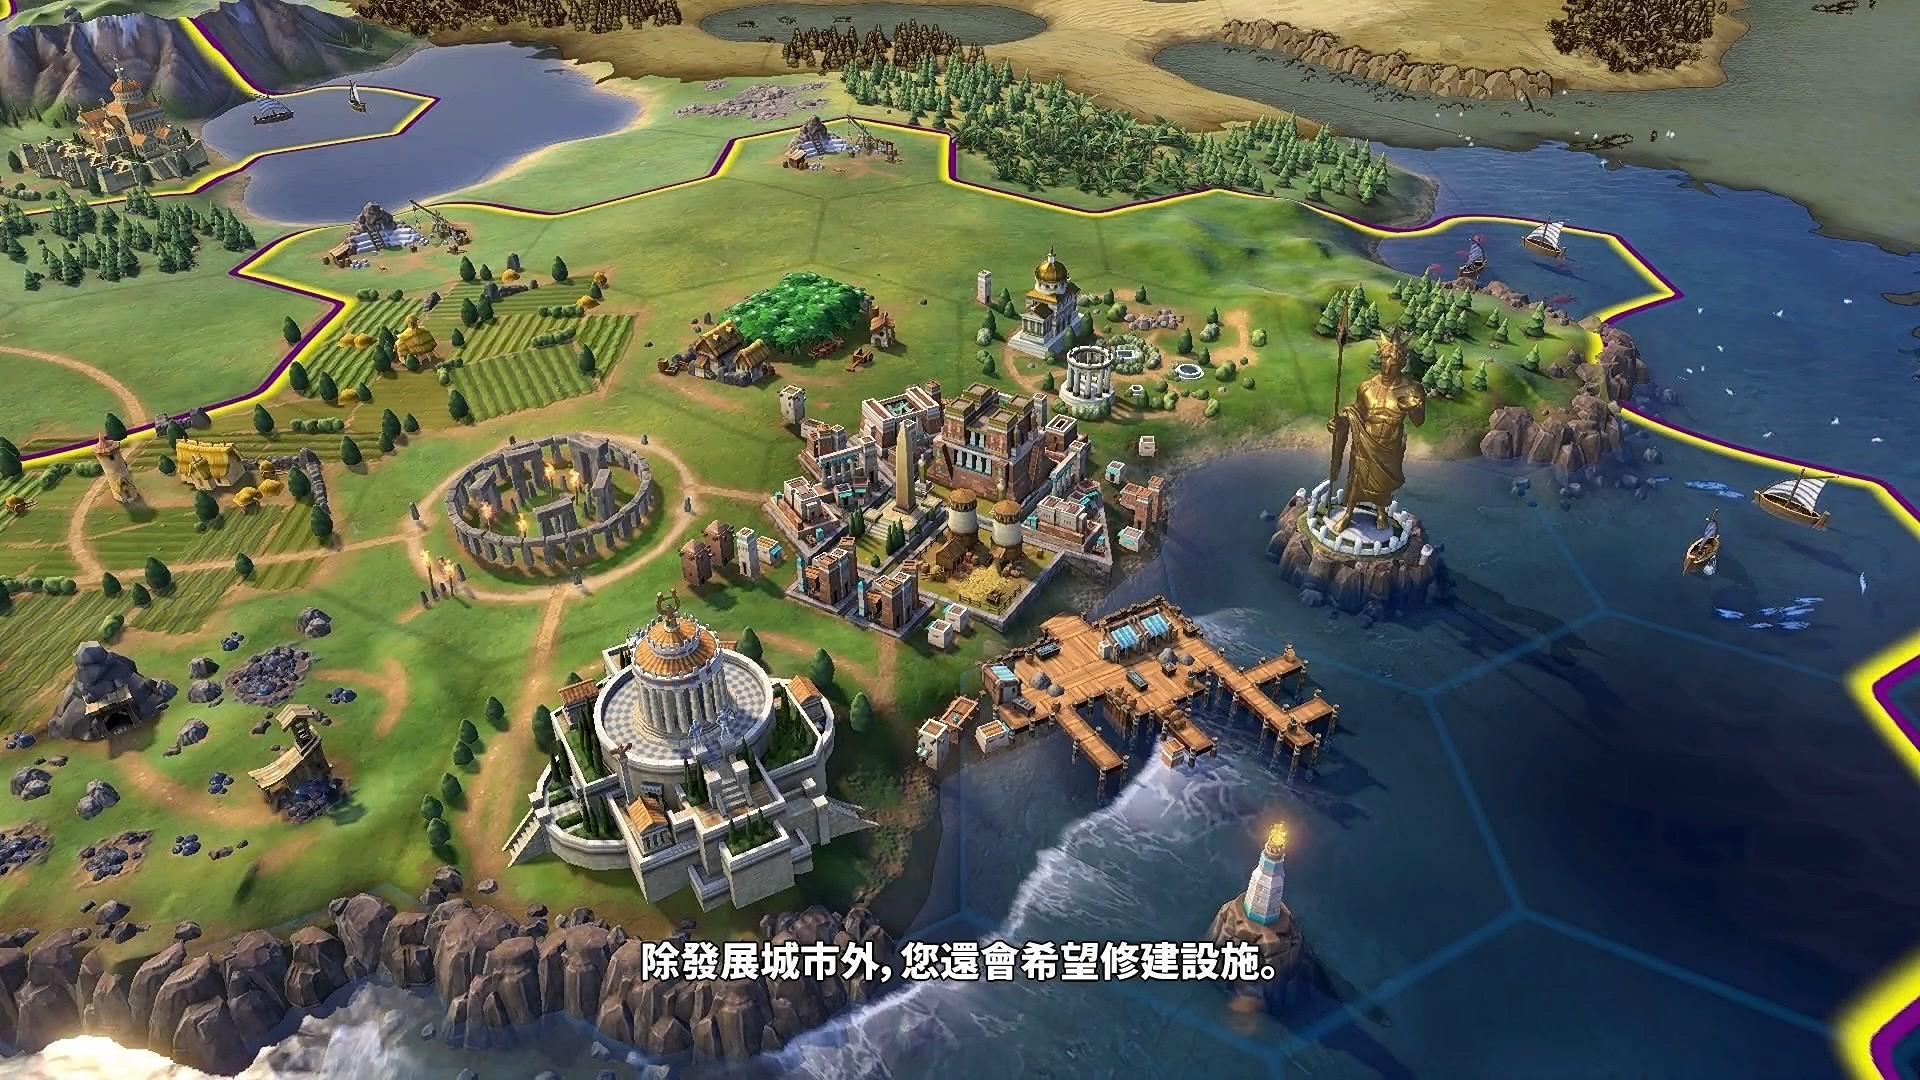 文明6中国科技胜利打法籽岷解说视频